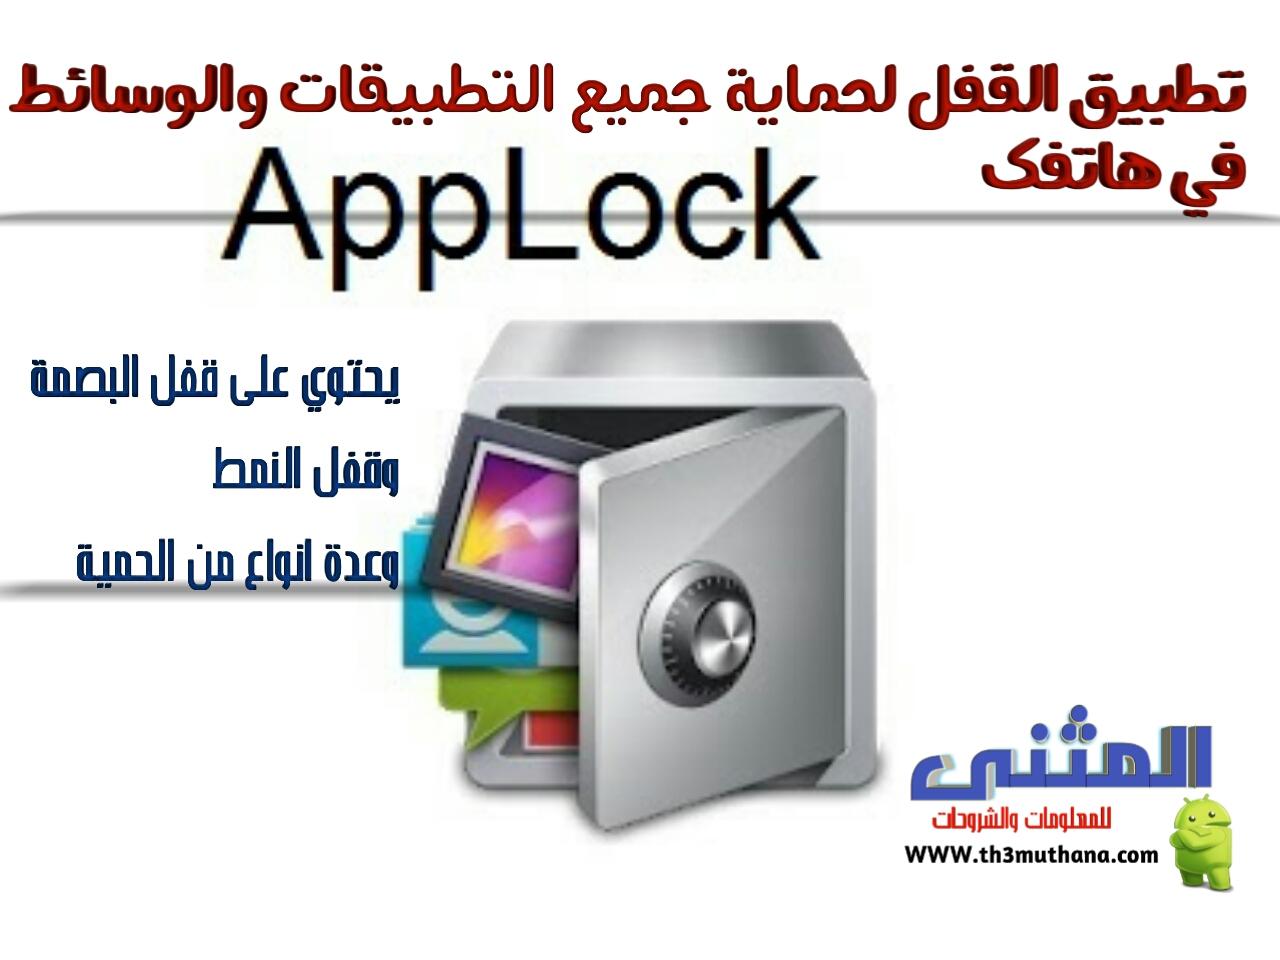 تحميل افضل برنامج لقفل وحماية تطبيقات الهاتف